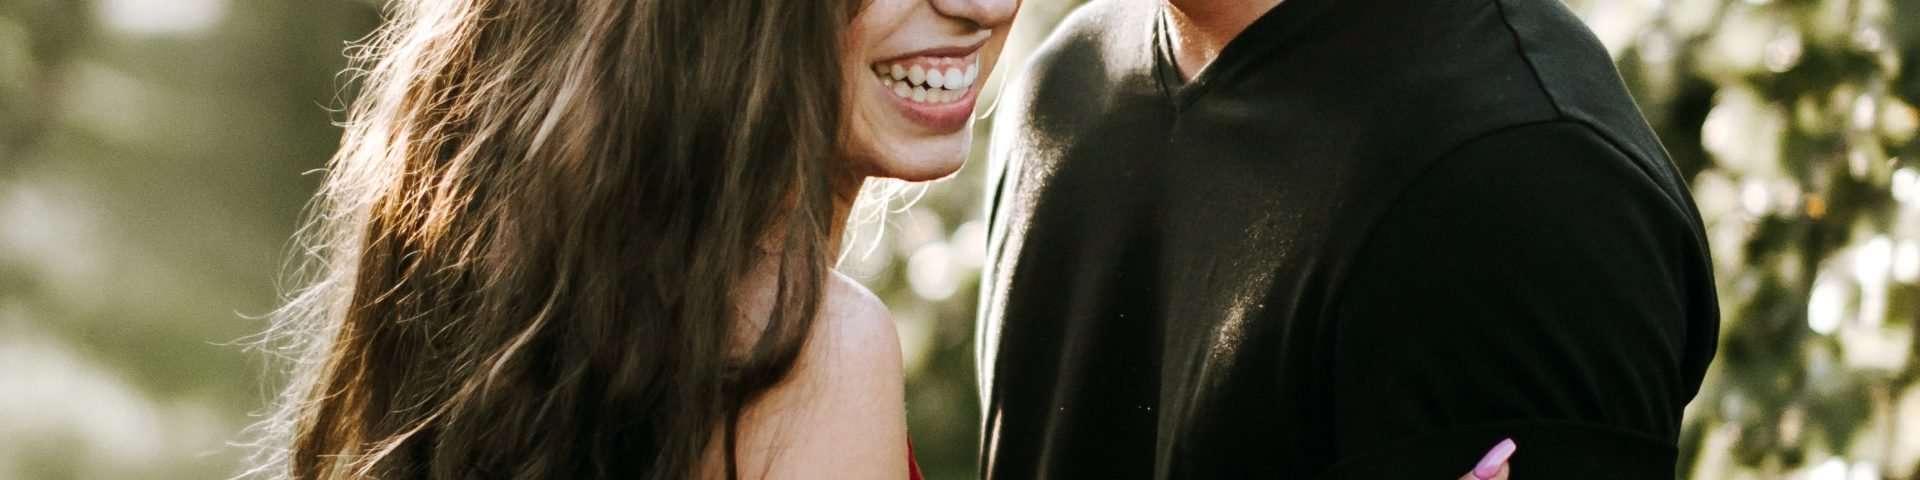 11 psychologische Tricks, die ihn dazu bringen, dich noch mehr zu wollen